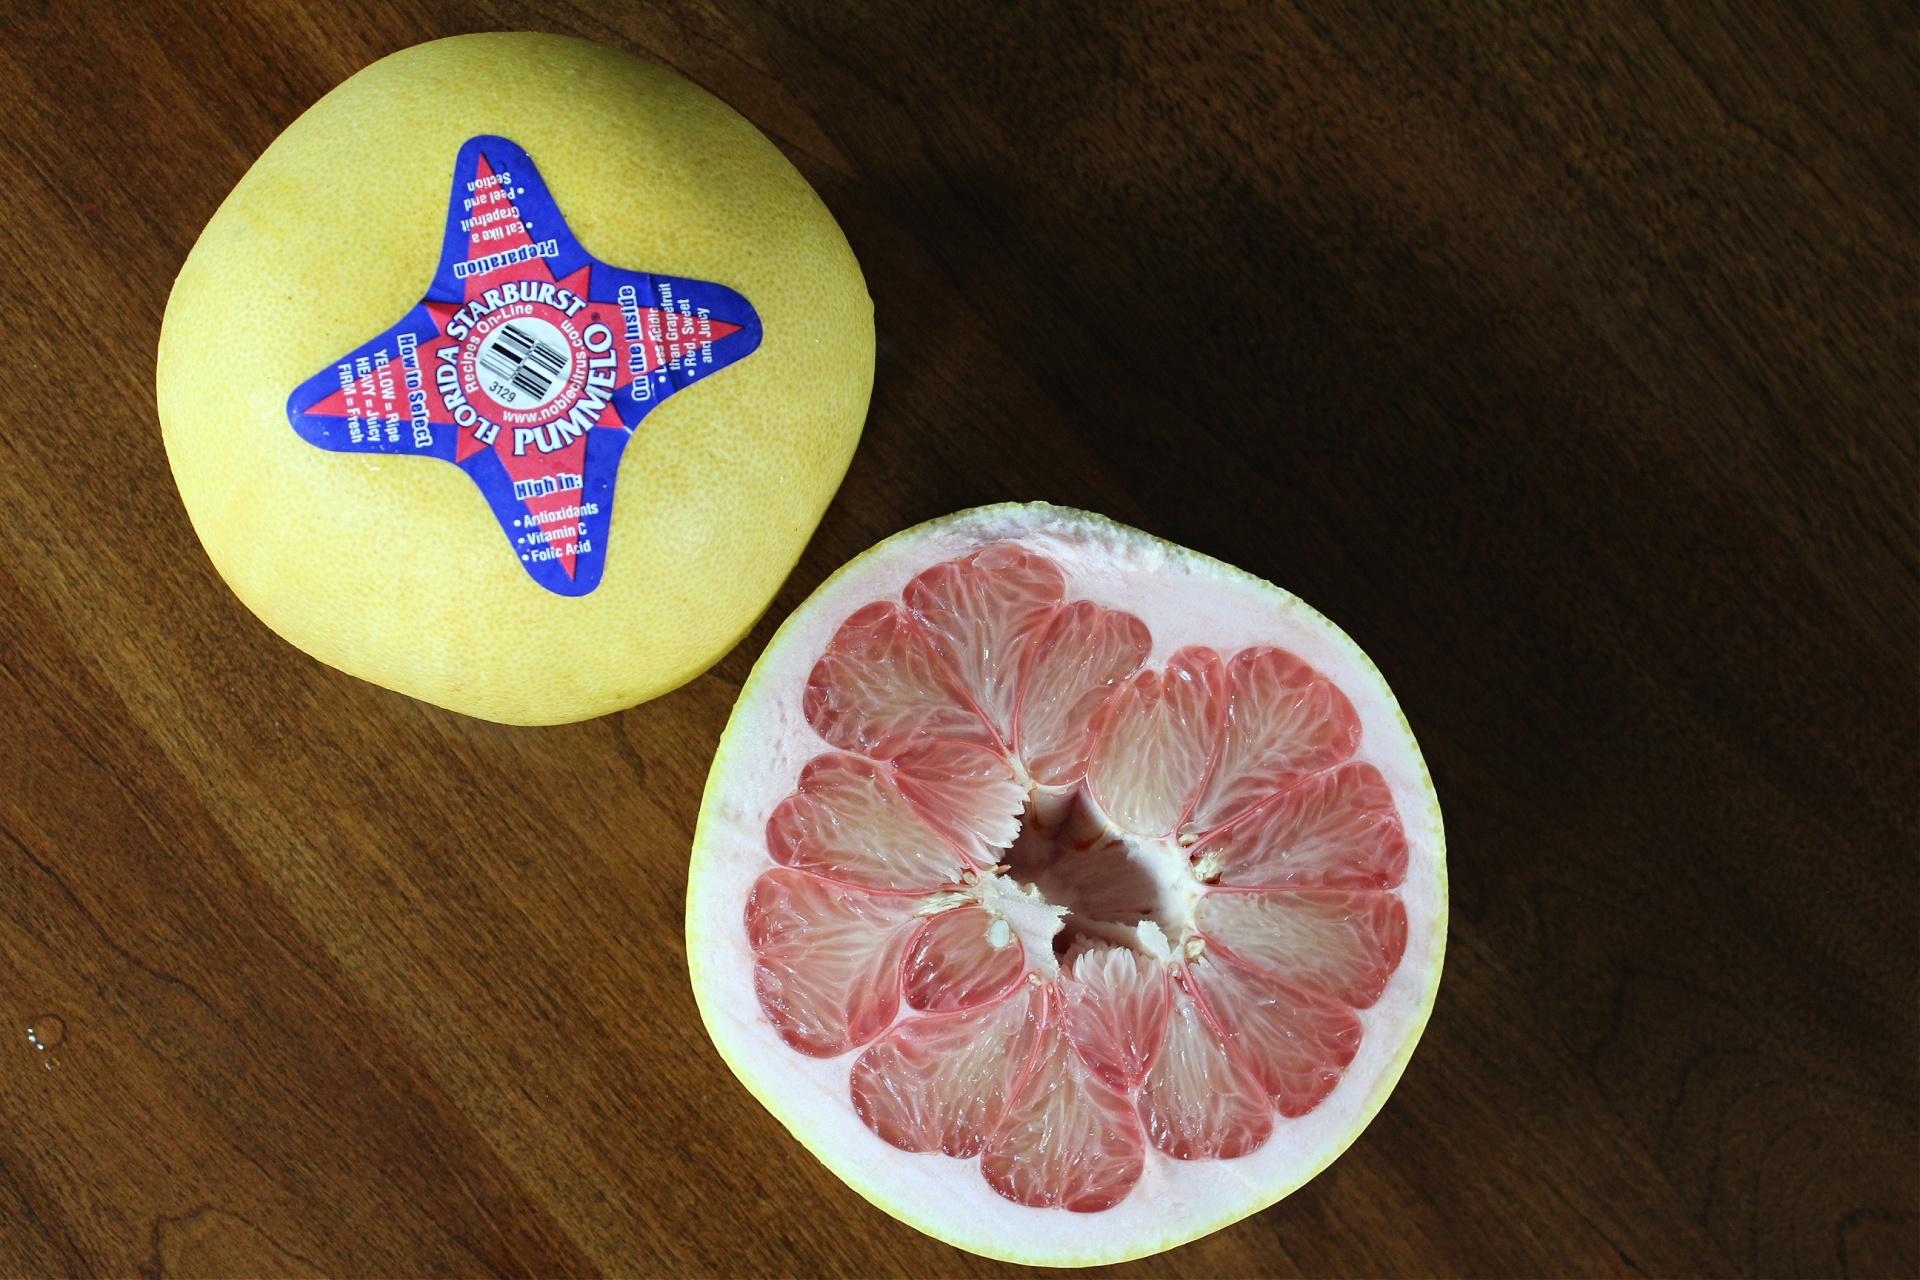 Noble Citrus starburst pummelo